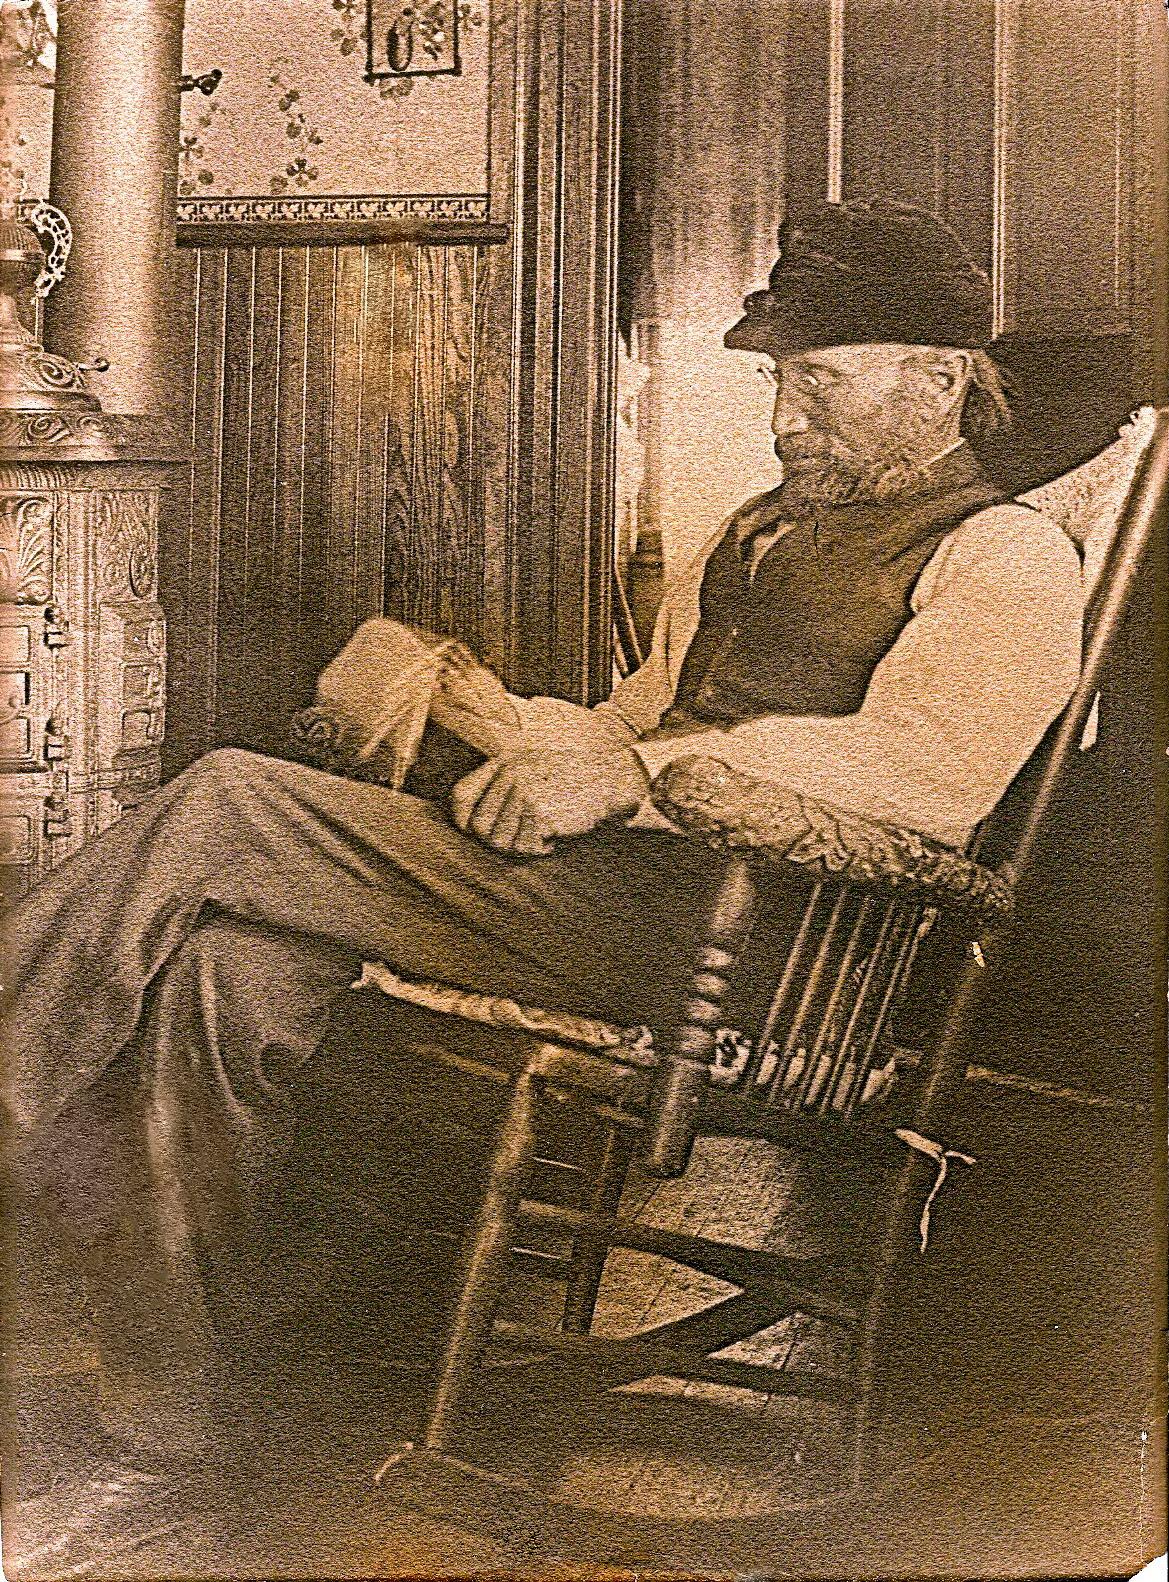 Conrad Schmalzried